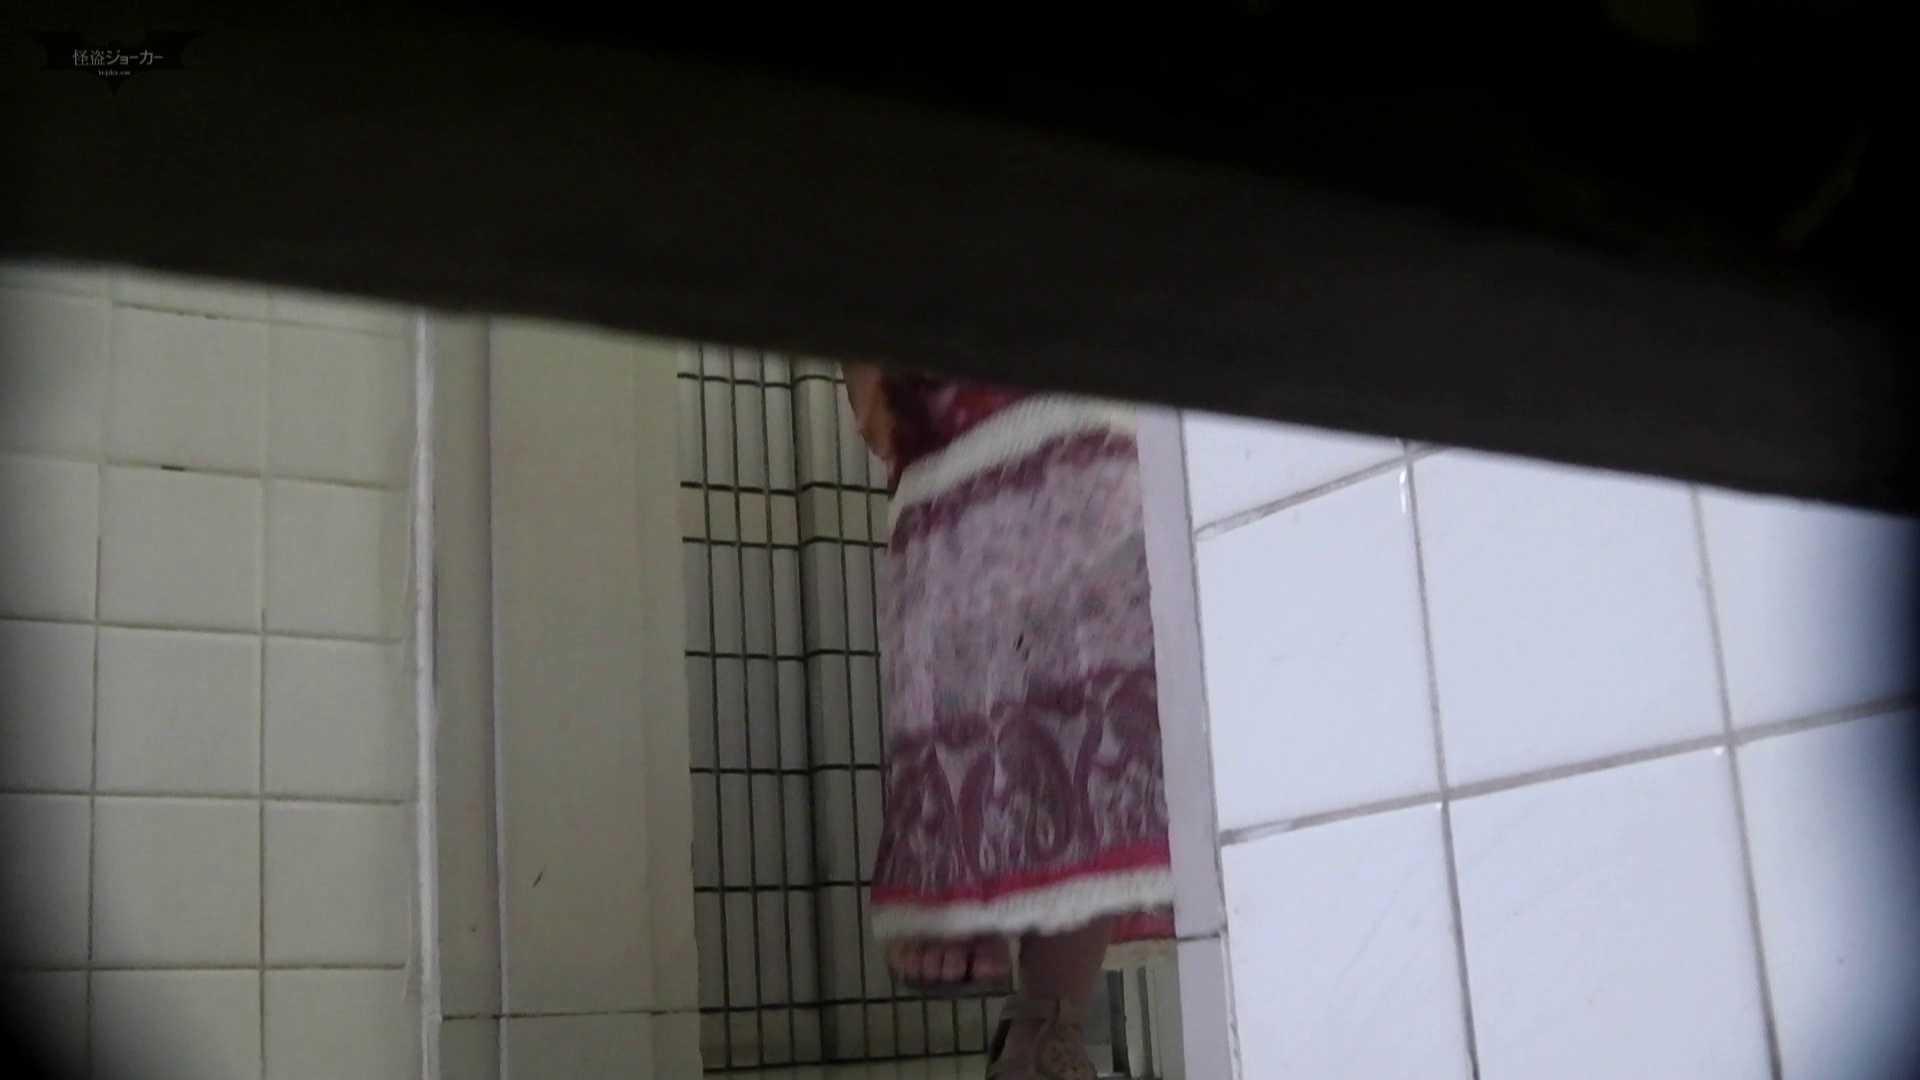 洗面所特攻隊 vol.68 前回のスーパー美女がついに【2015・14位】 洗面所 覗きスケベ動画紹介 47pic 47